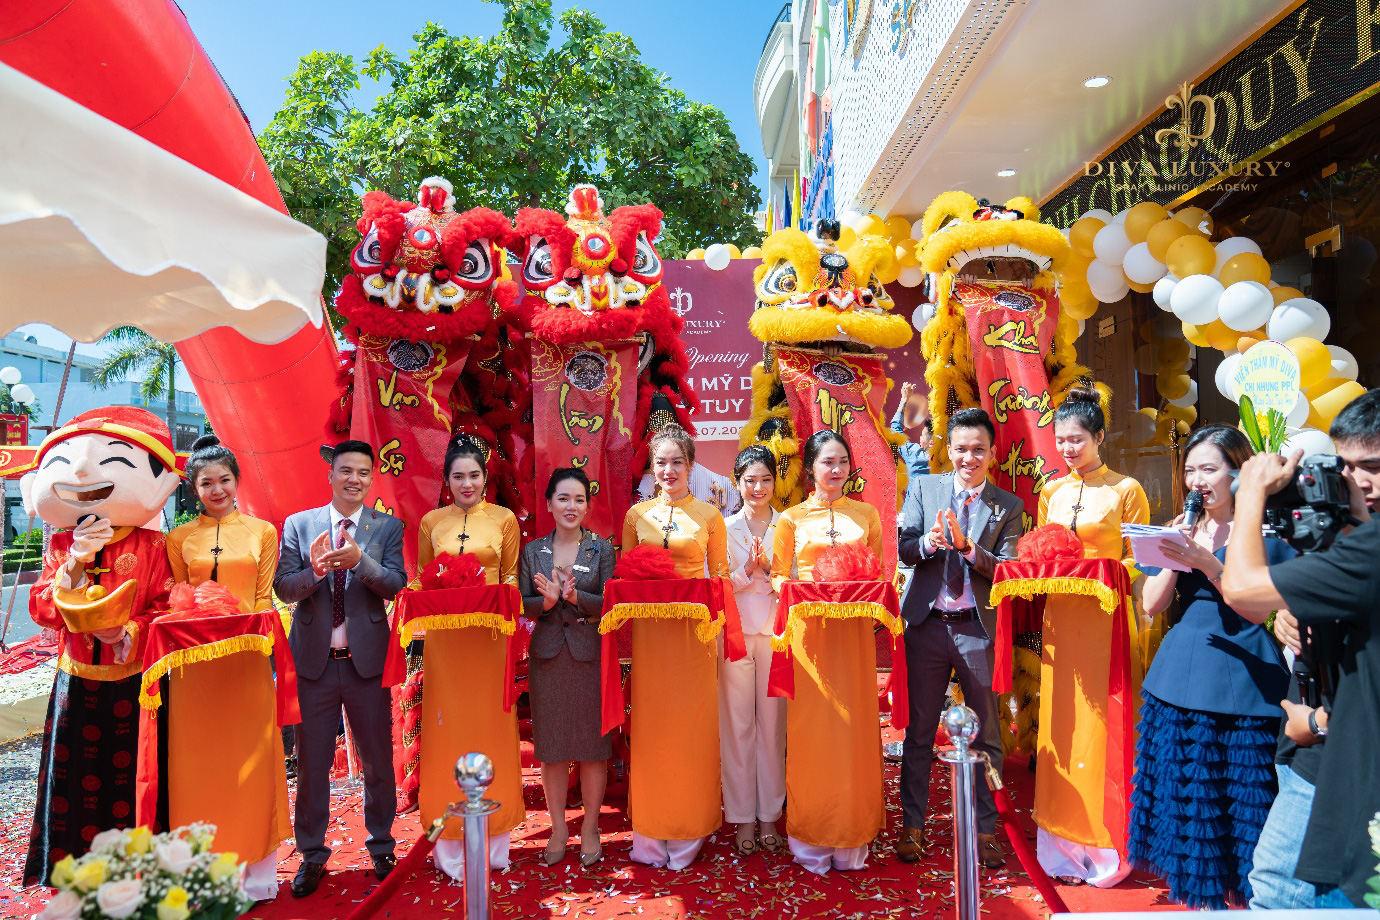 Viện thẩm mỹ DIVA Phú Yên kín khách trong ngày đầu khai trương - Ảnh 3.